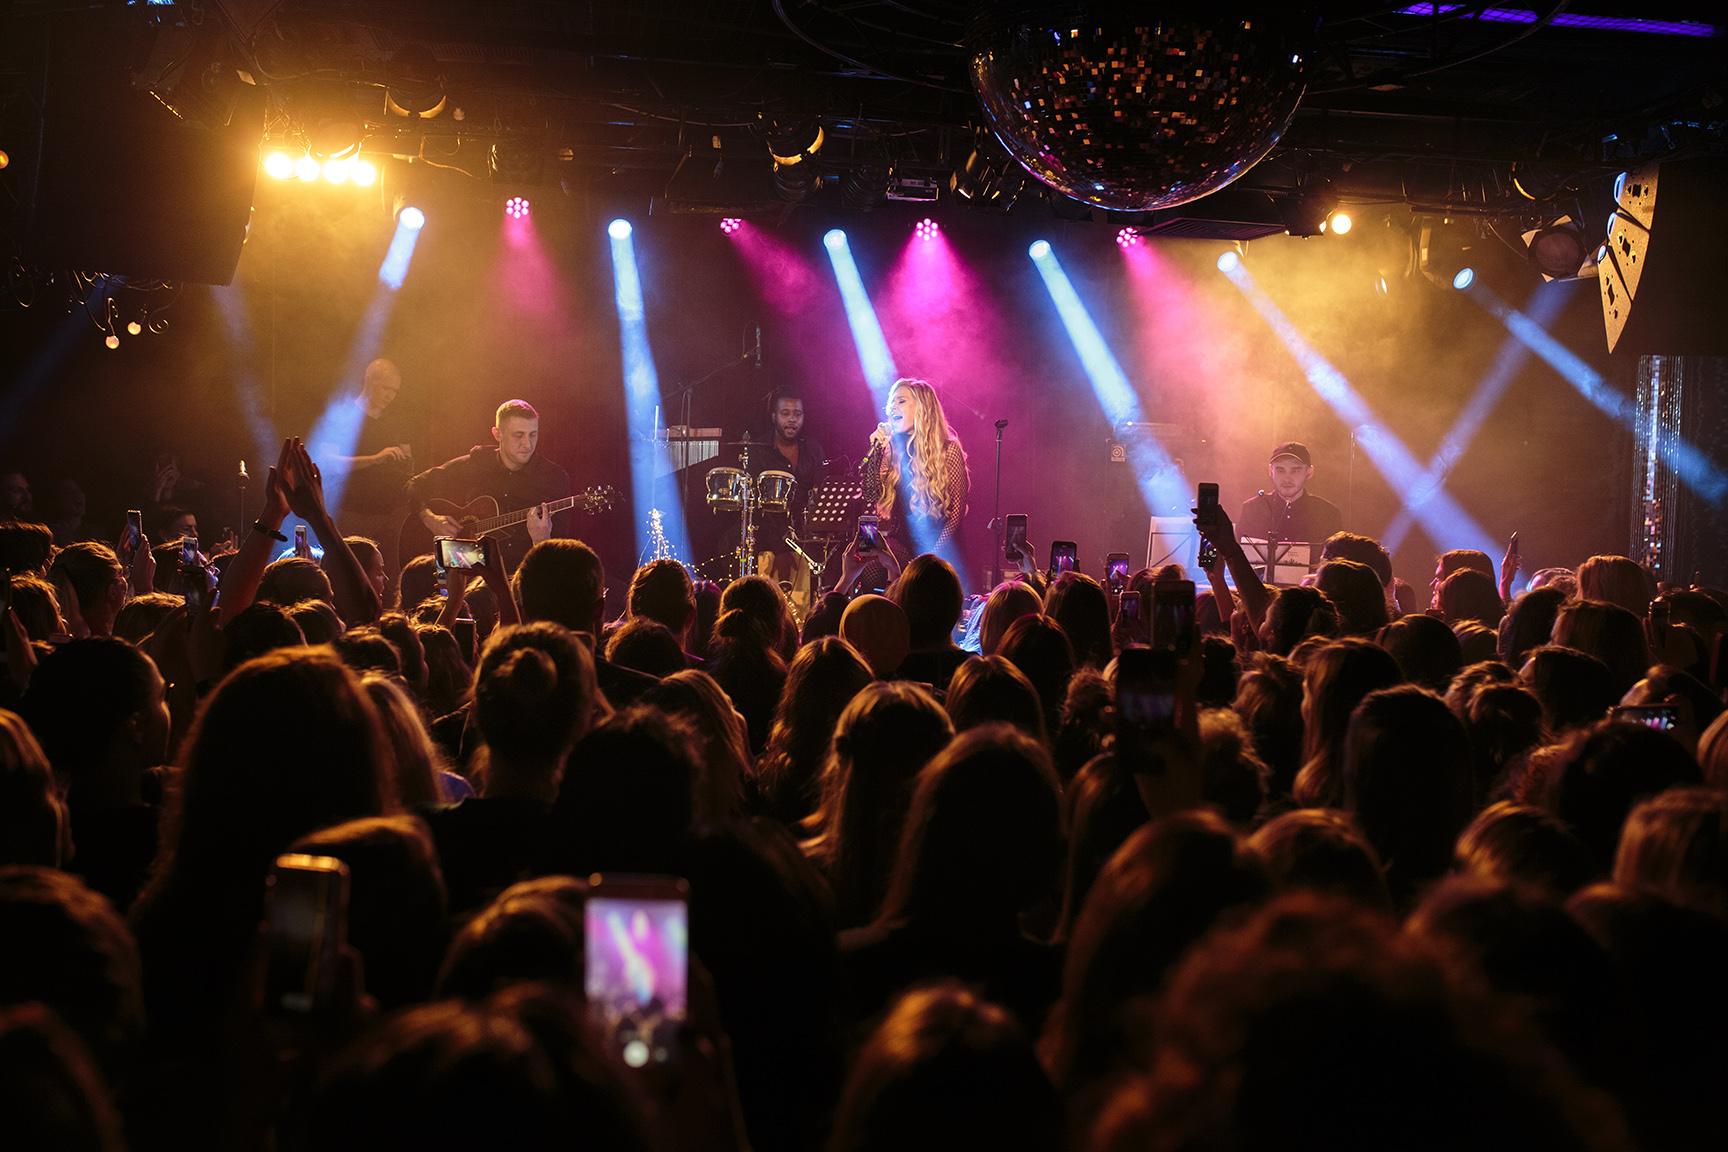 Фото Рита Dакота, Живой концерт